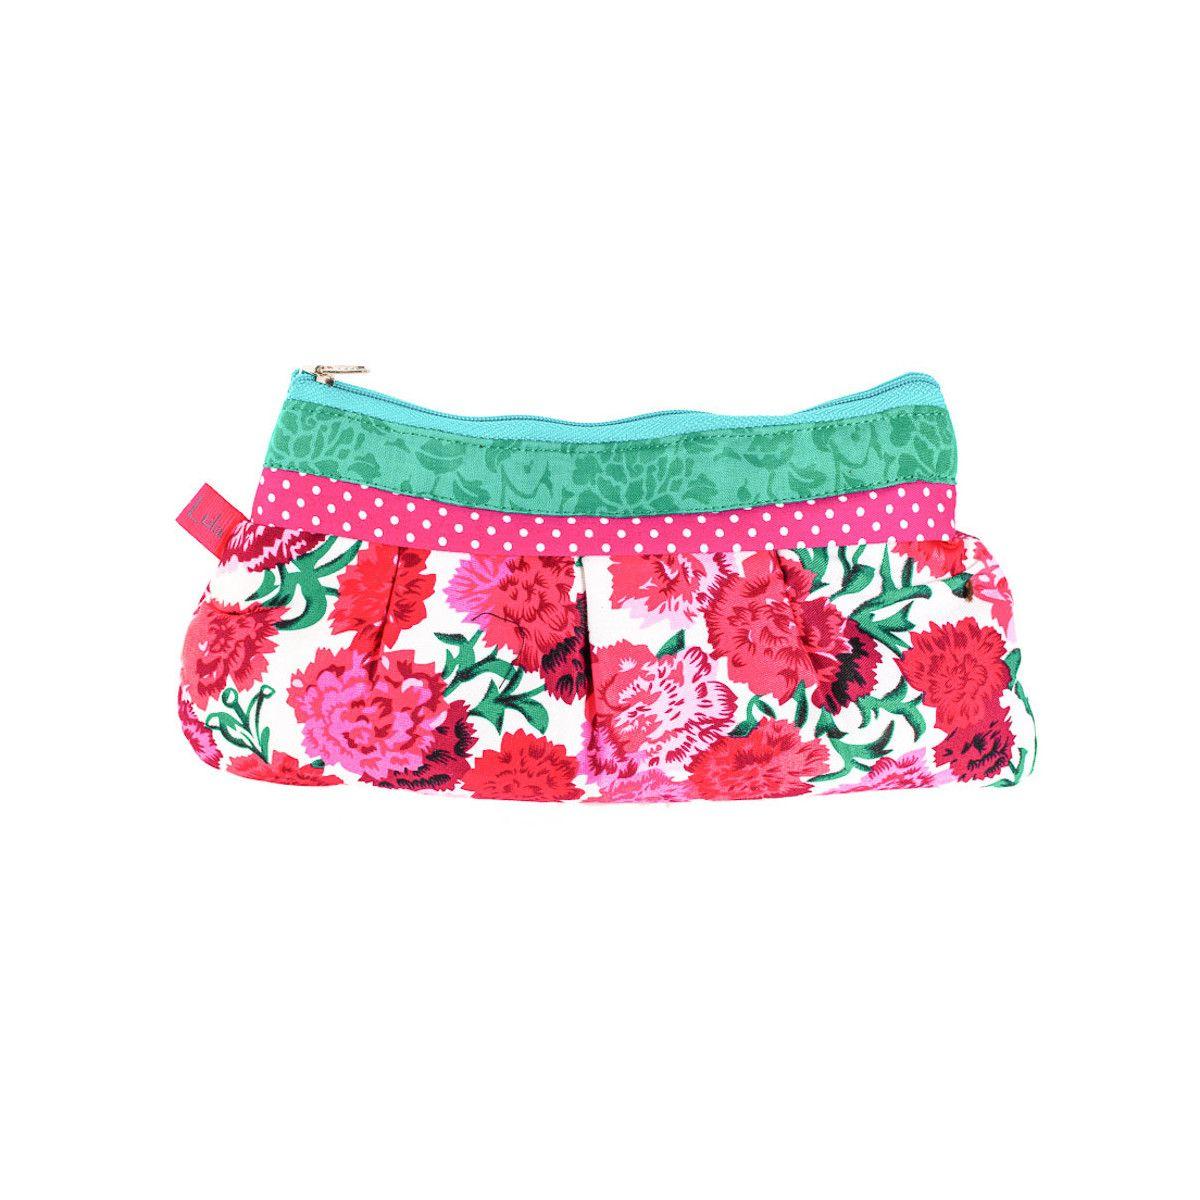 Trousse à maquillage coton original verte et fleurs rose